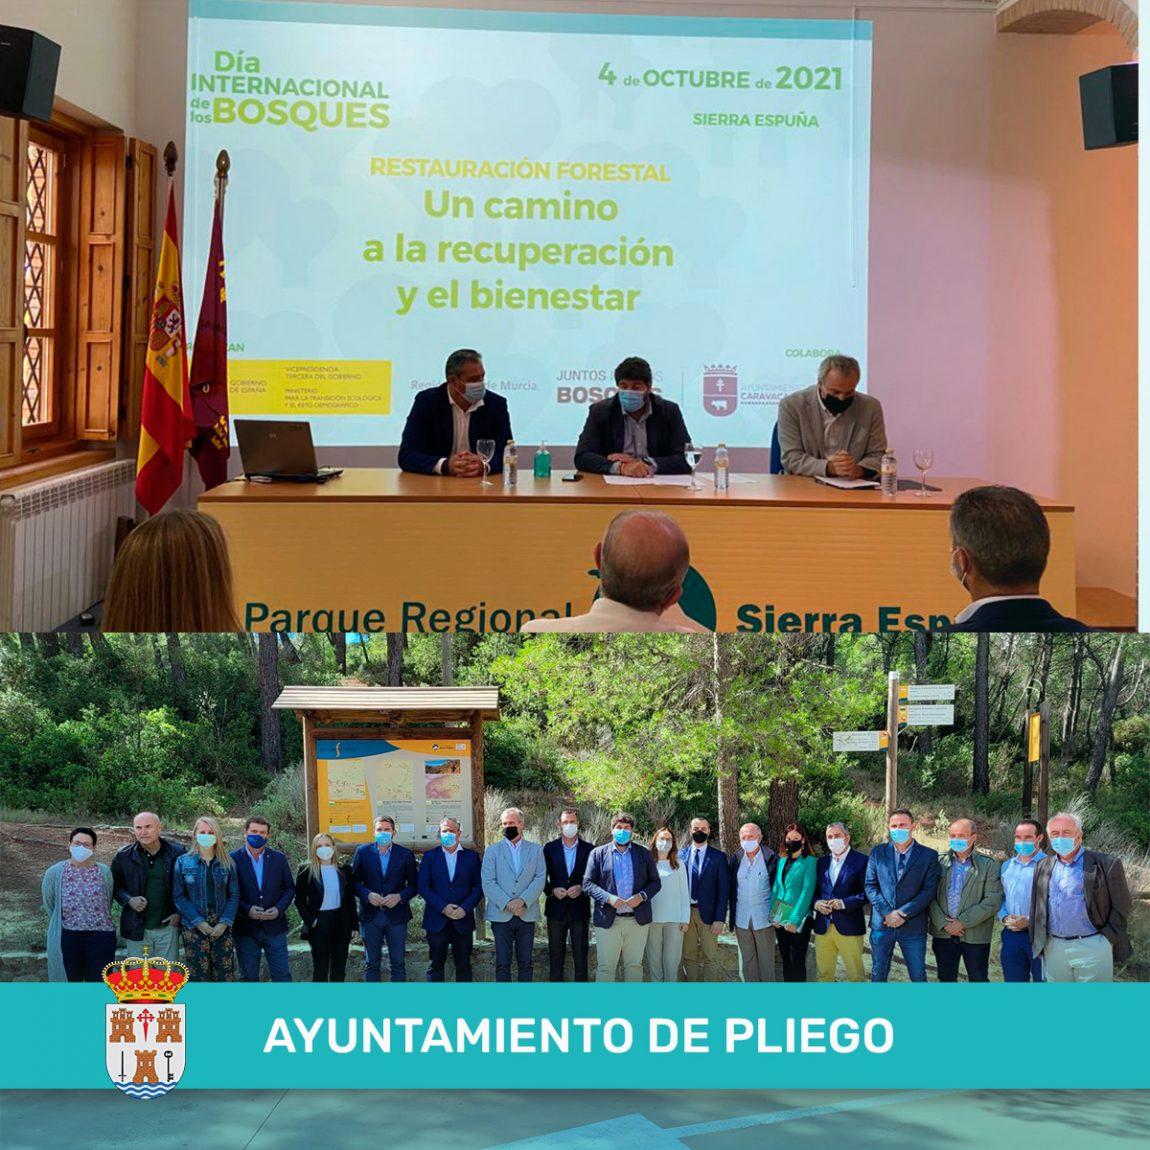 «Restauración forestal, un camino a la recuperación y el bienestar»